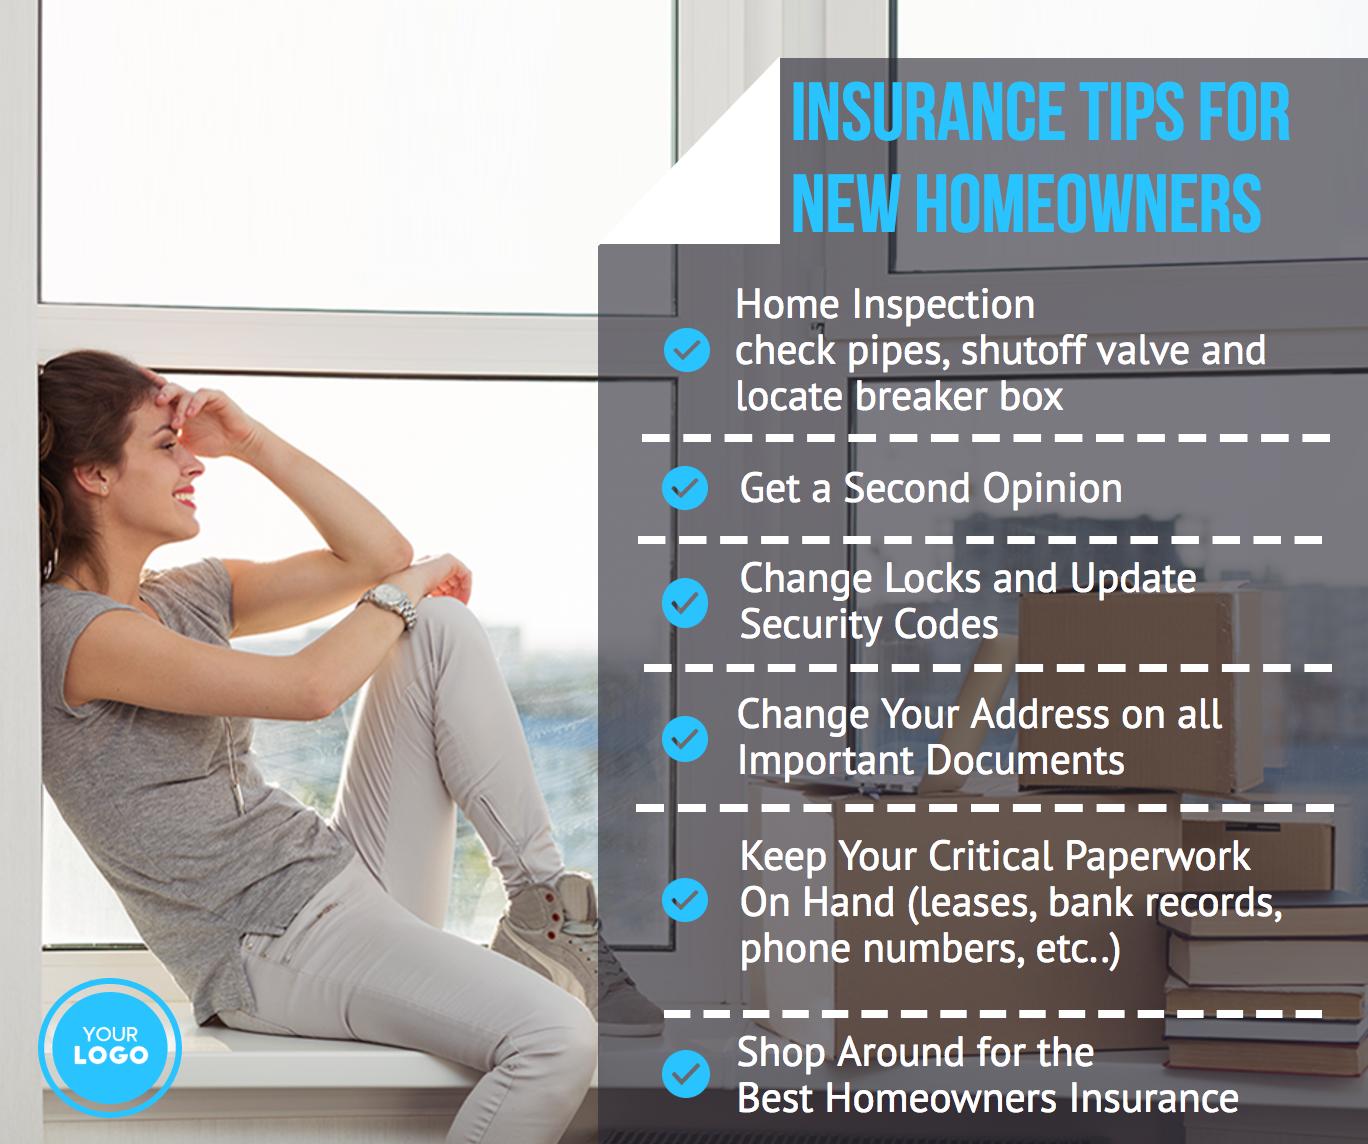 insurance tips img